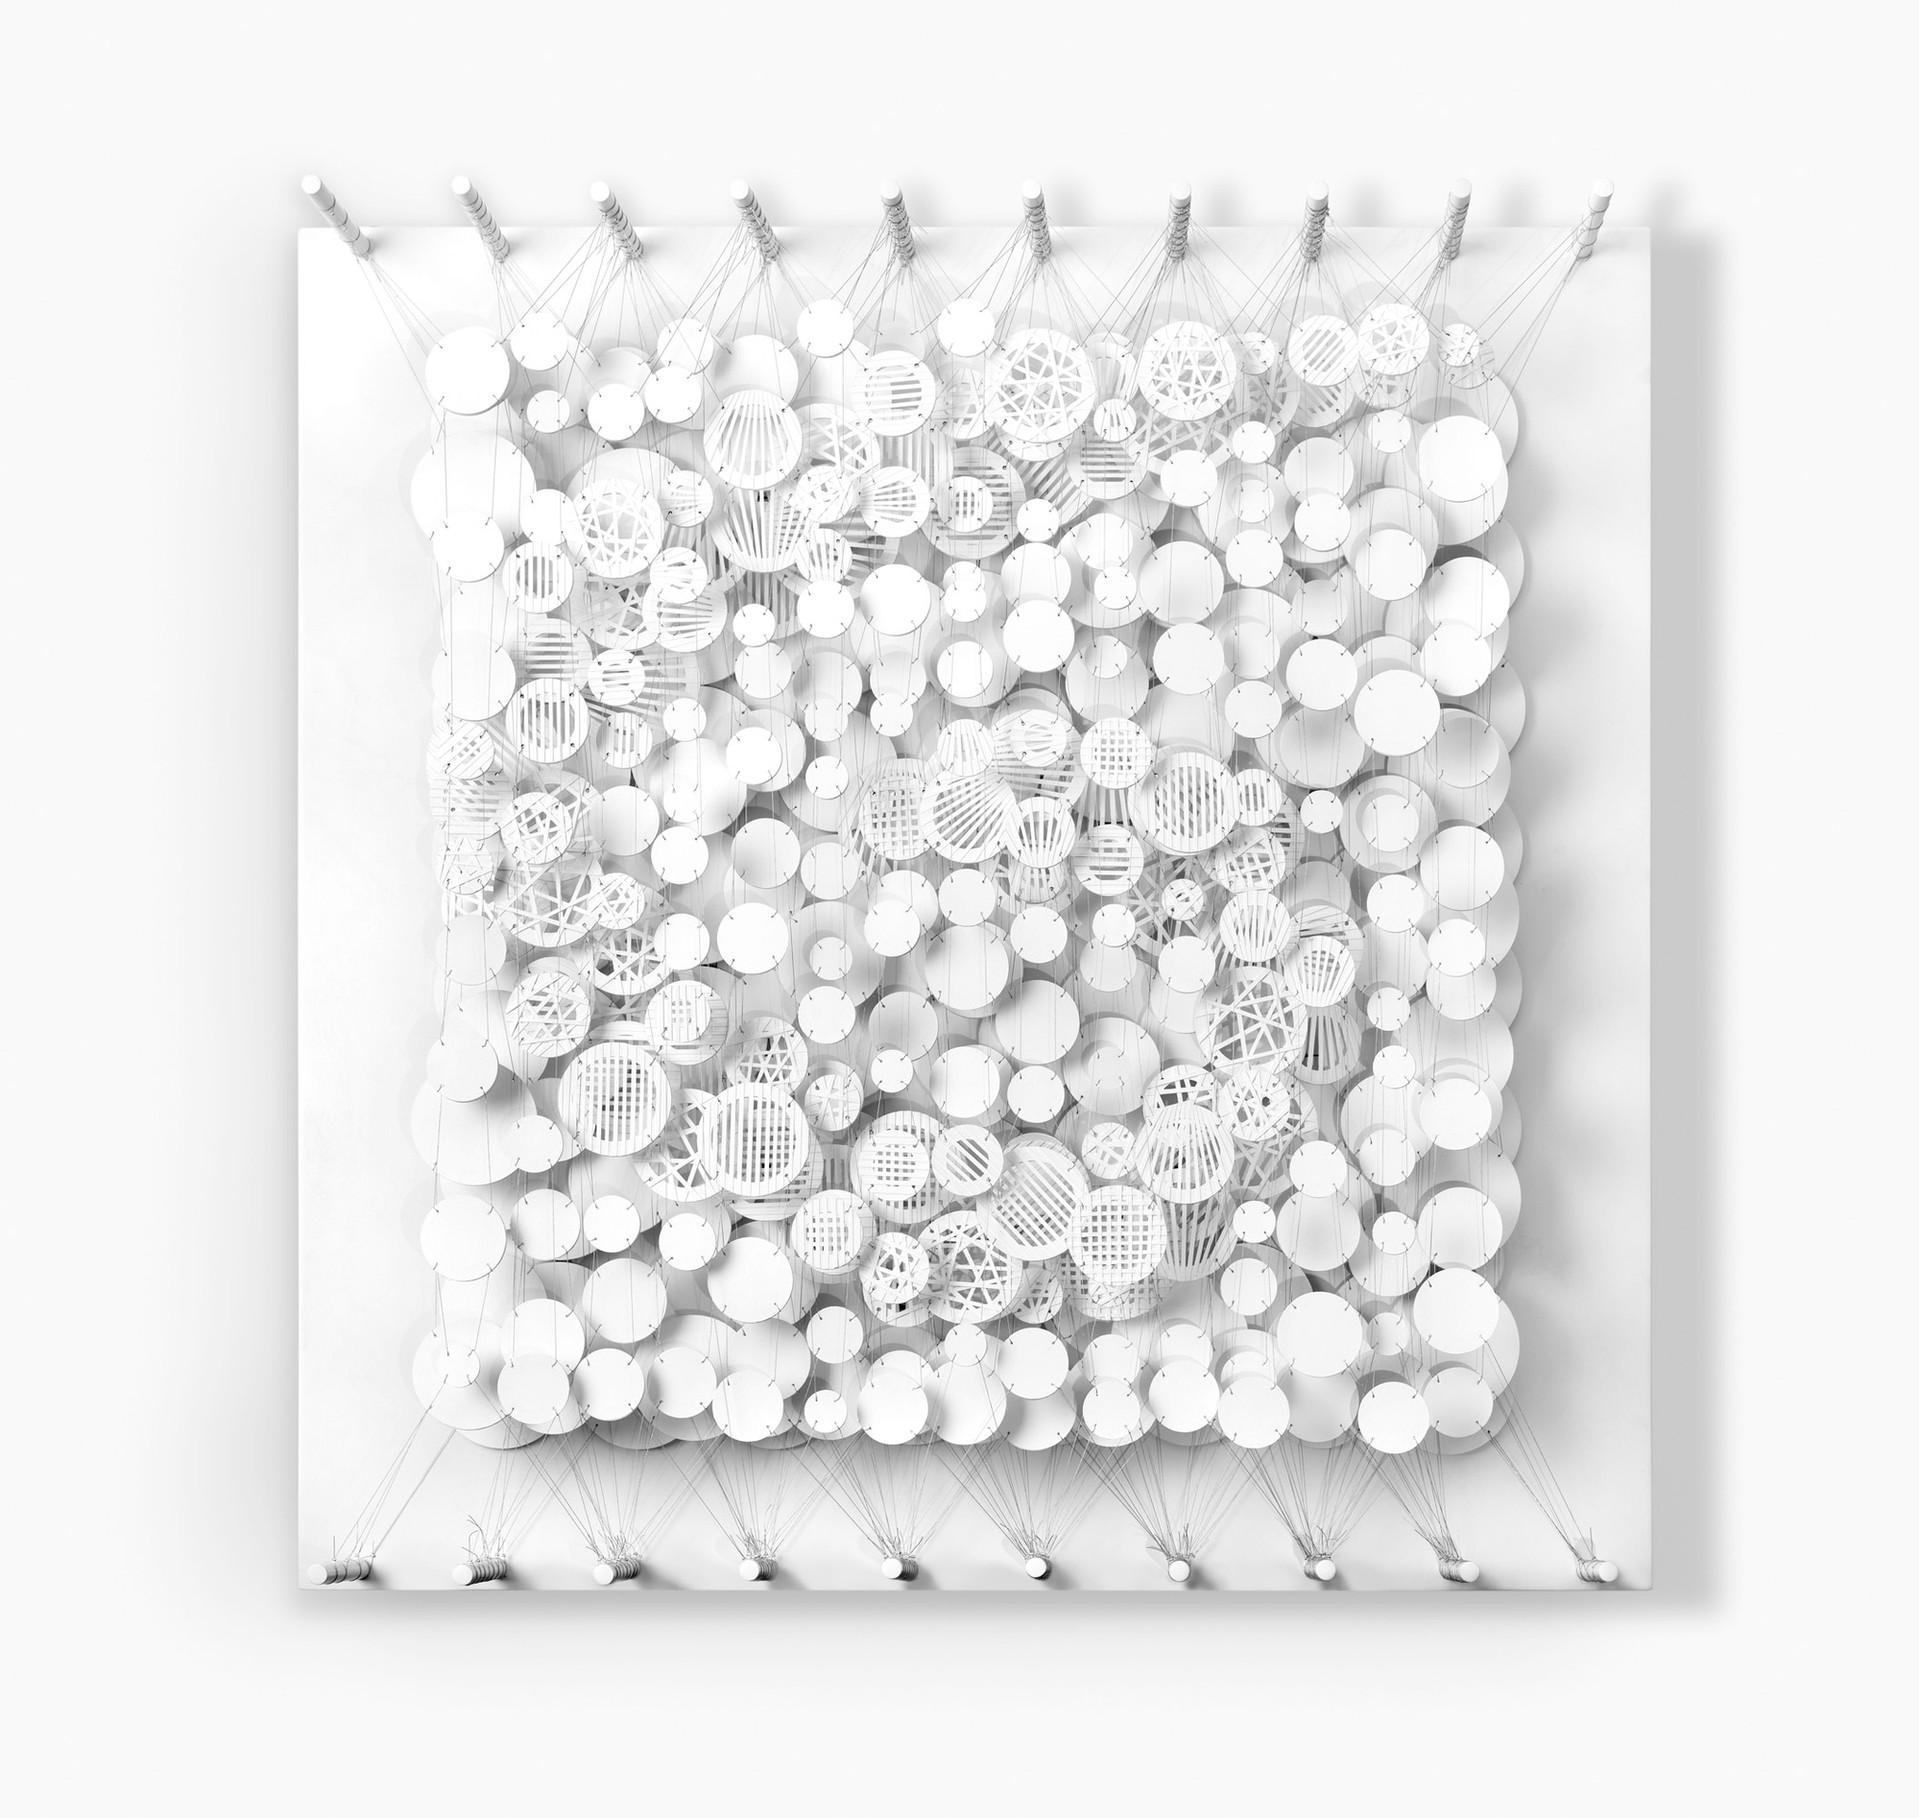 Cecilia Glazman Transparencia 2016 Papel pintado y recortado a mano, madera e hilos (Hand painted papercuts and wood, thread) 100 x 100 cm.